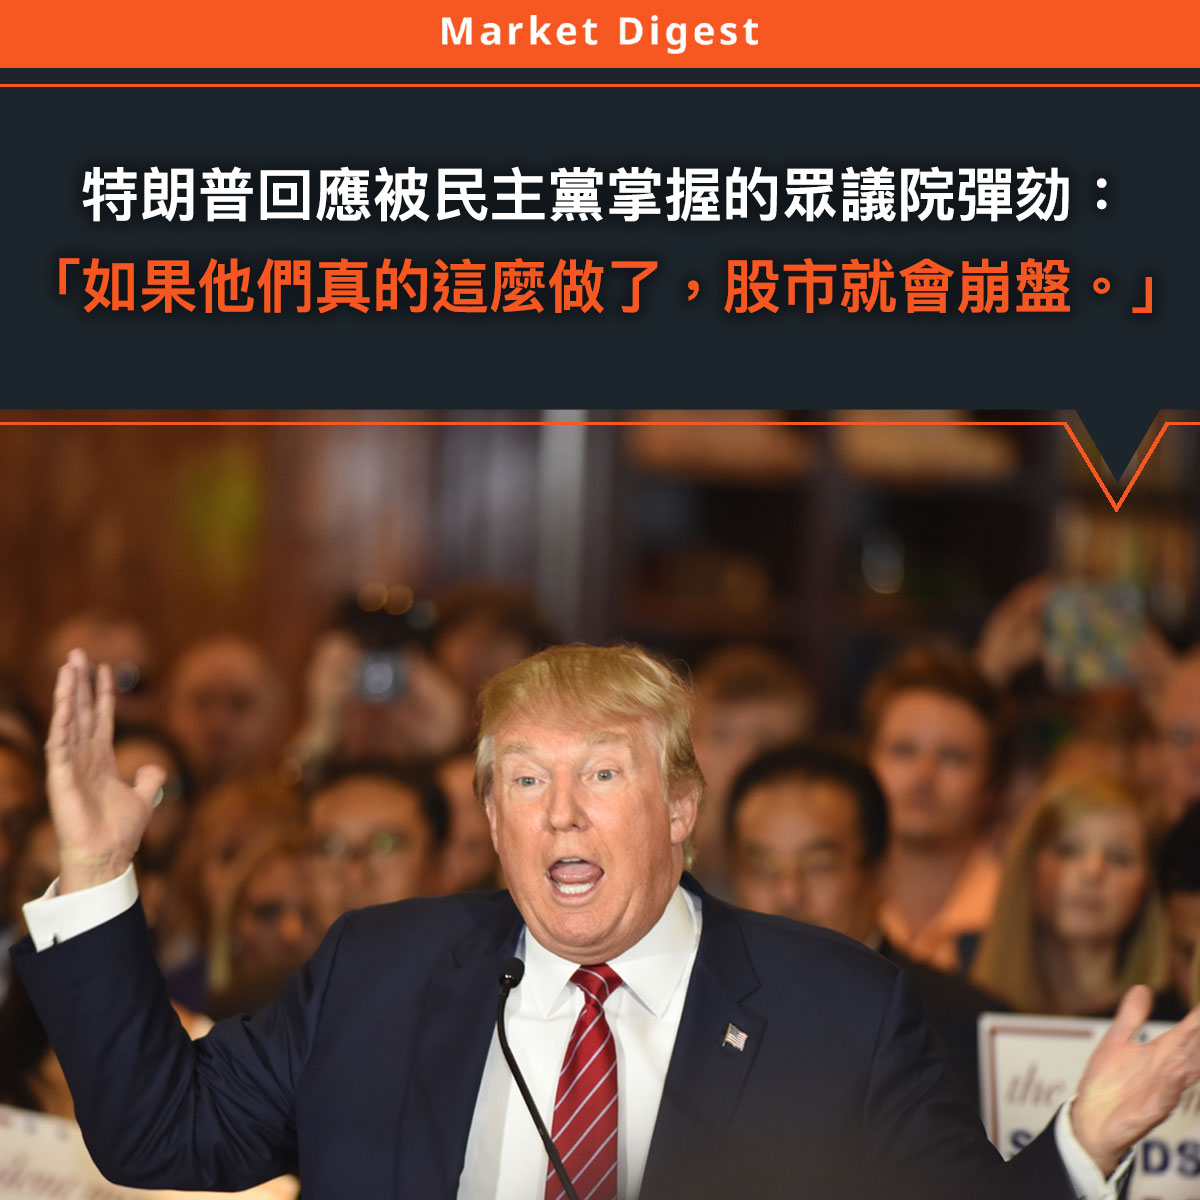 【市場熱話】特朗普回應被民主黨掌握的眾議院彈劾: 「如果他們真的這麼做了,股市就會崩盤。」